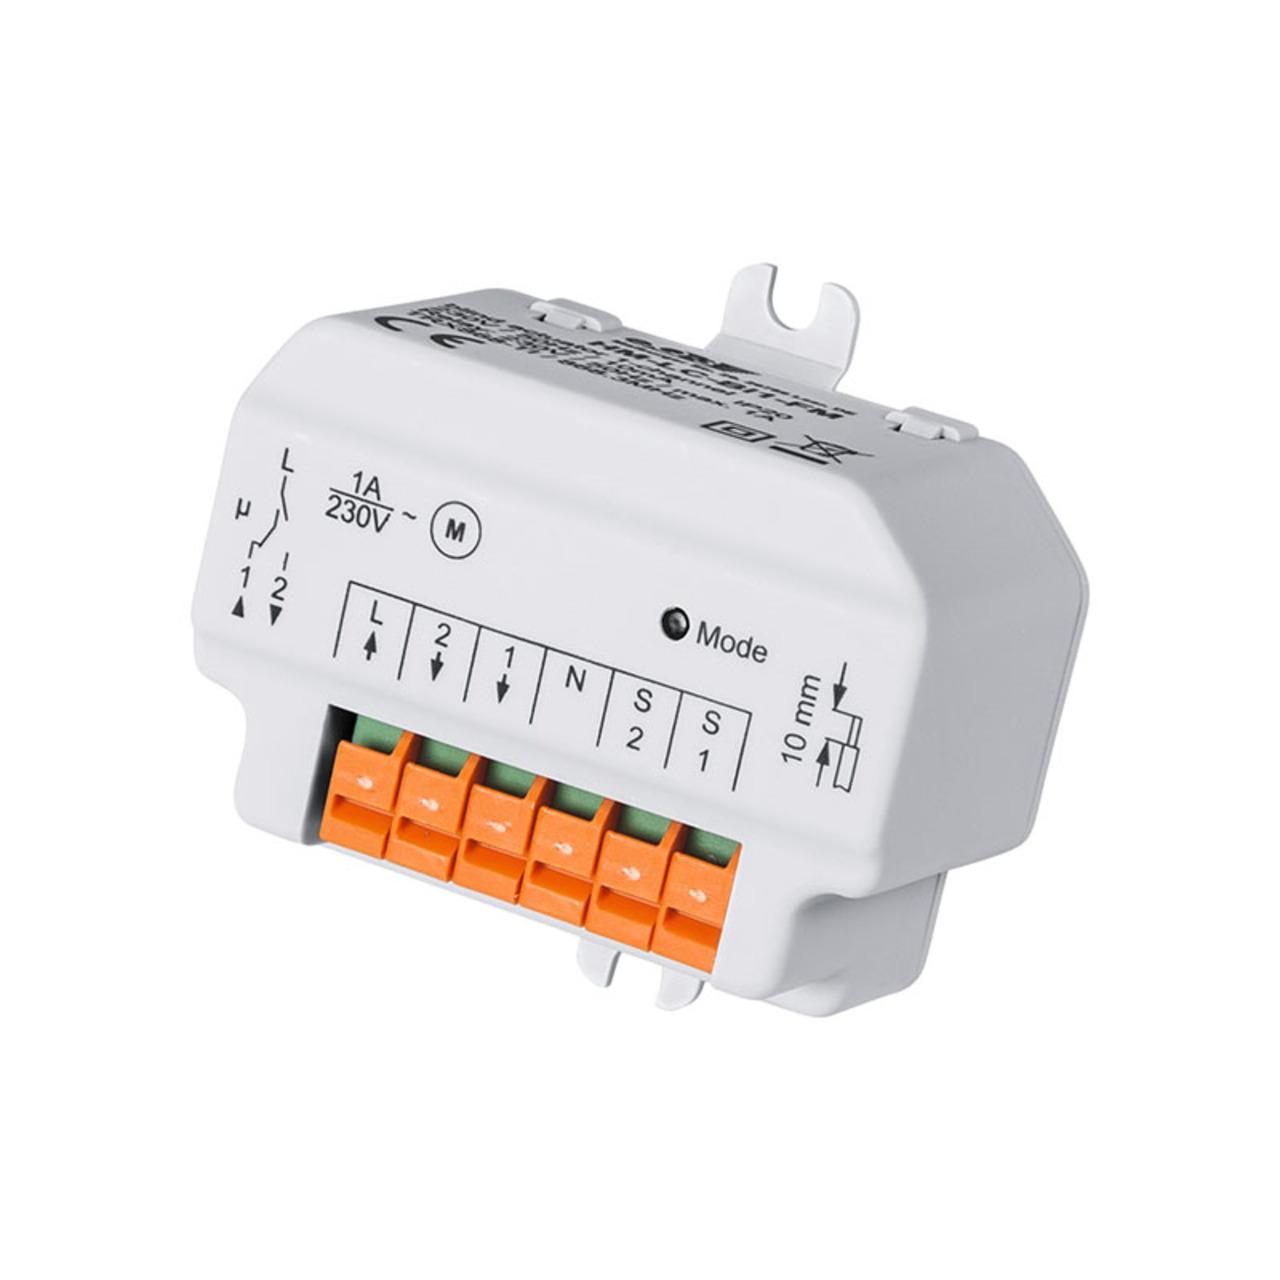 Homematic Funk-Rollladenaktor 1fach- Unterputzmontage HM-LC-Bl1-FM für Smart Home / Hausautomation